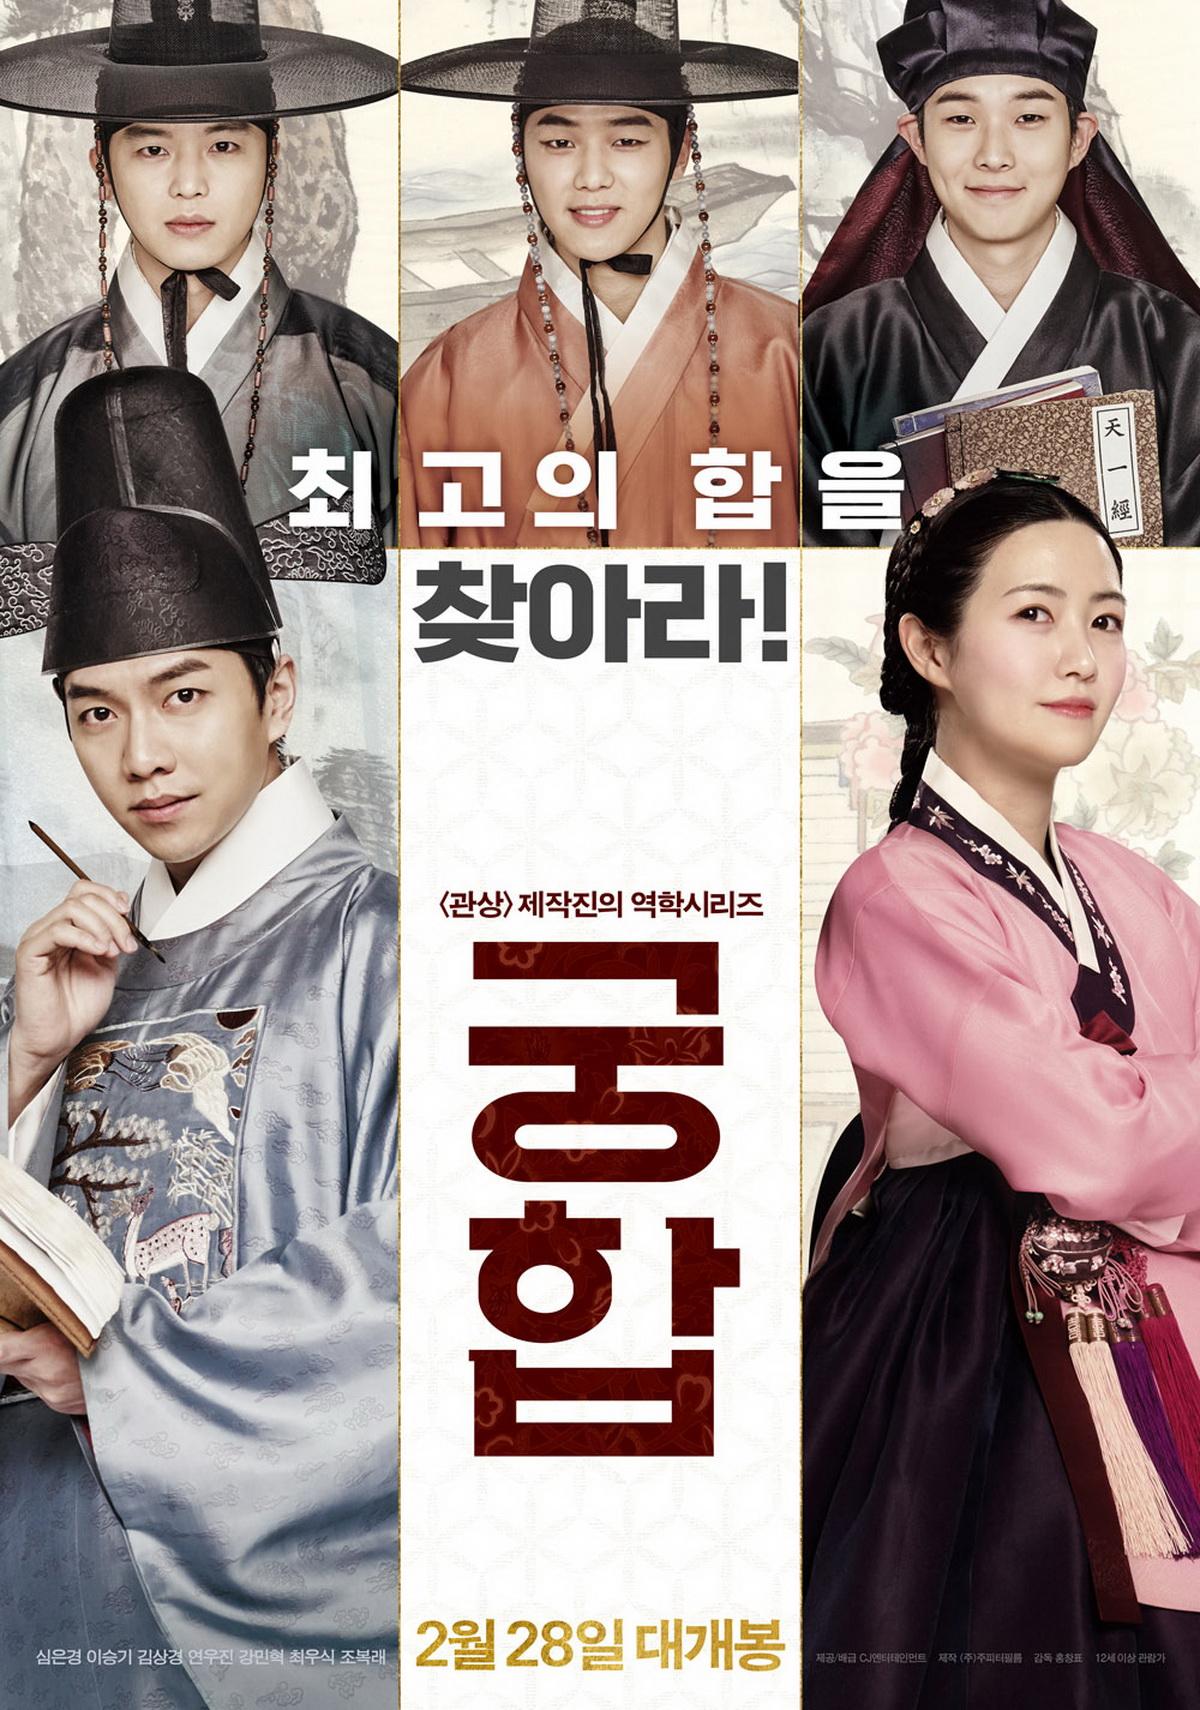 فیلم کره ای شاهزاده خانم و دلال ازدواج